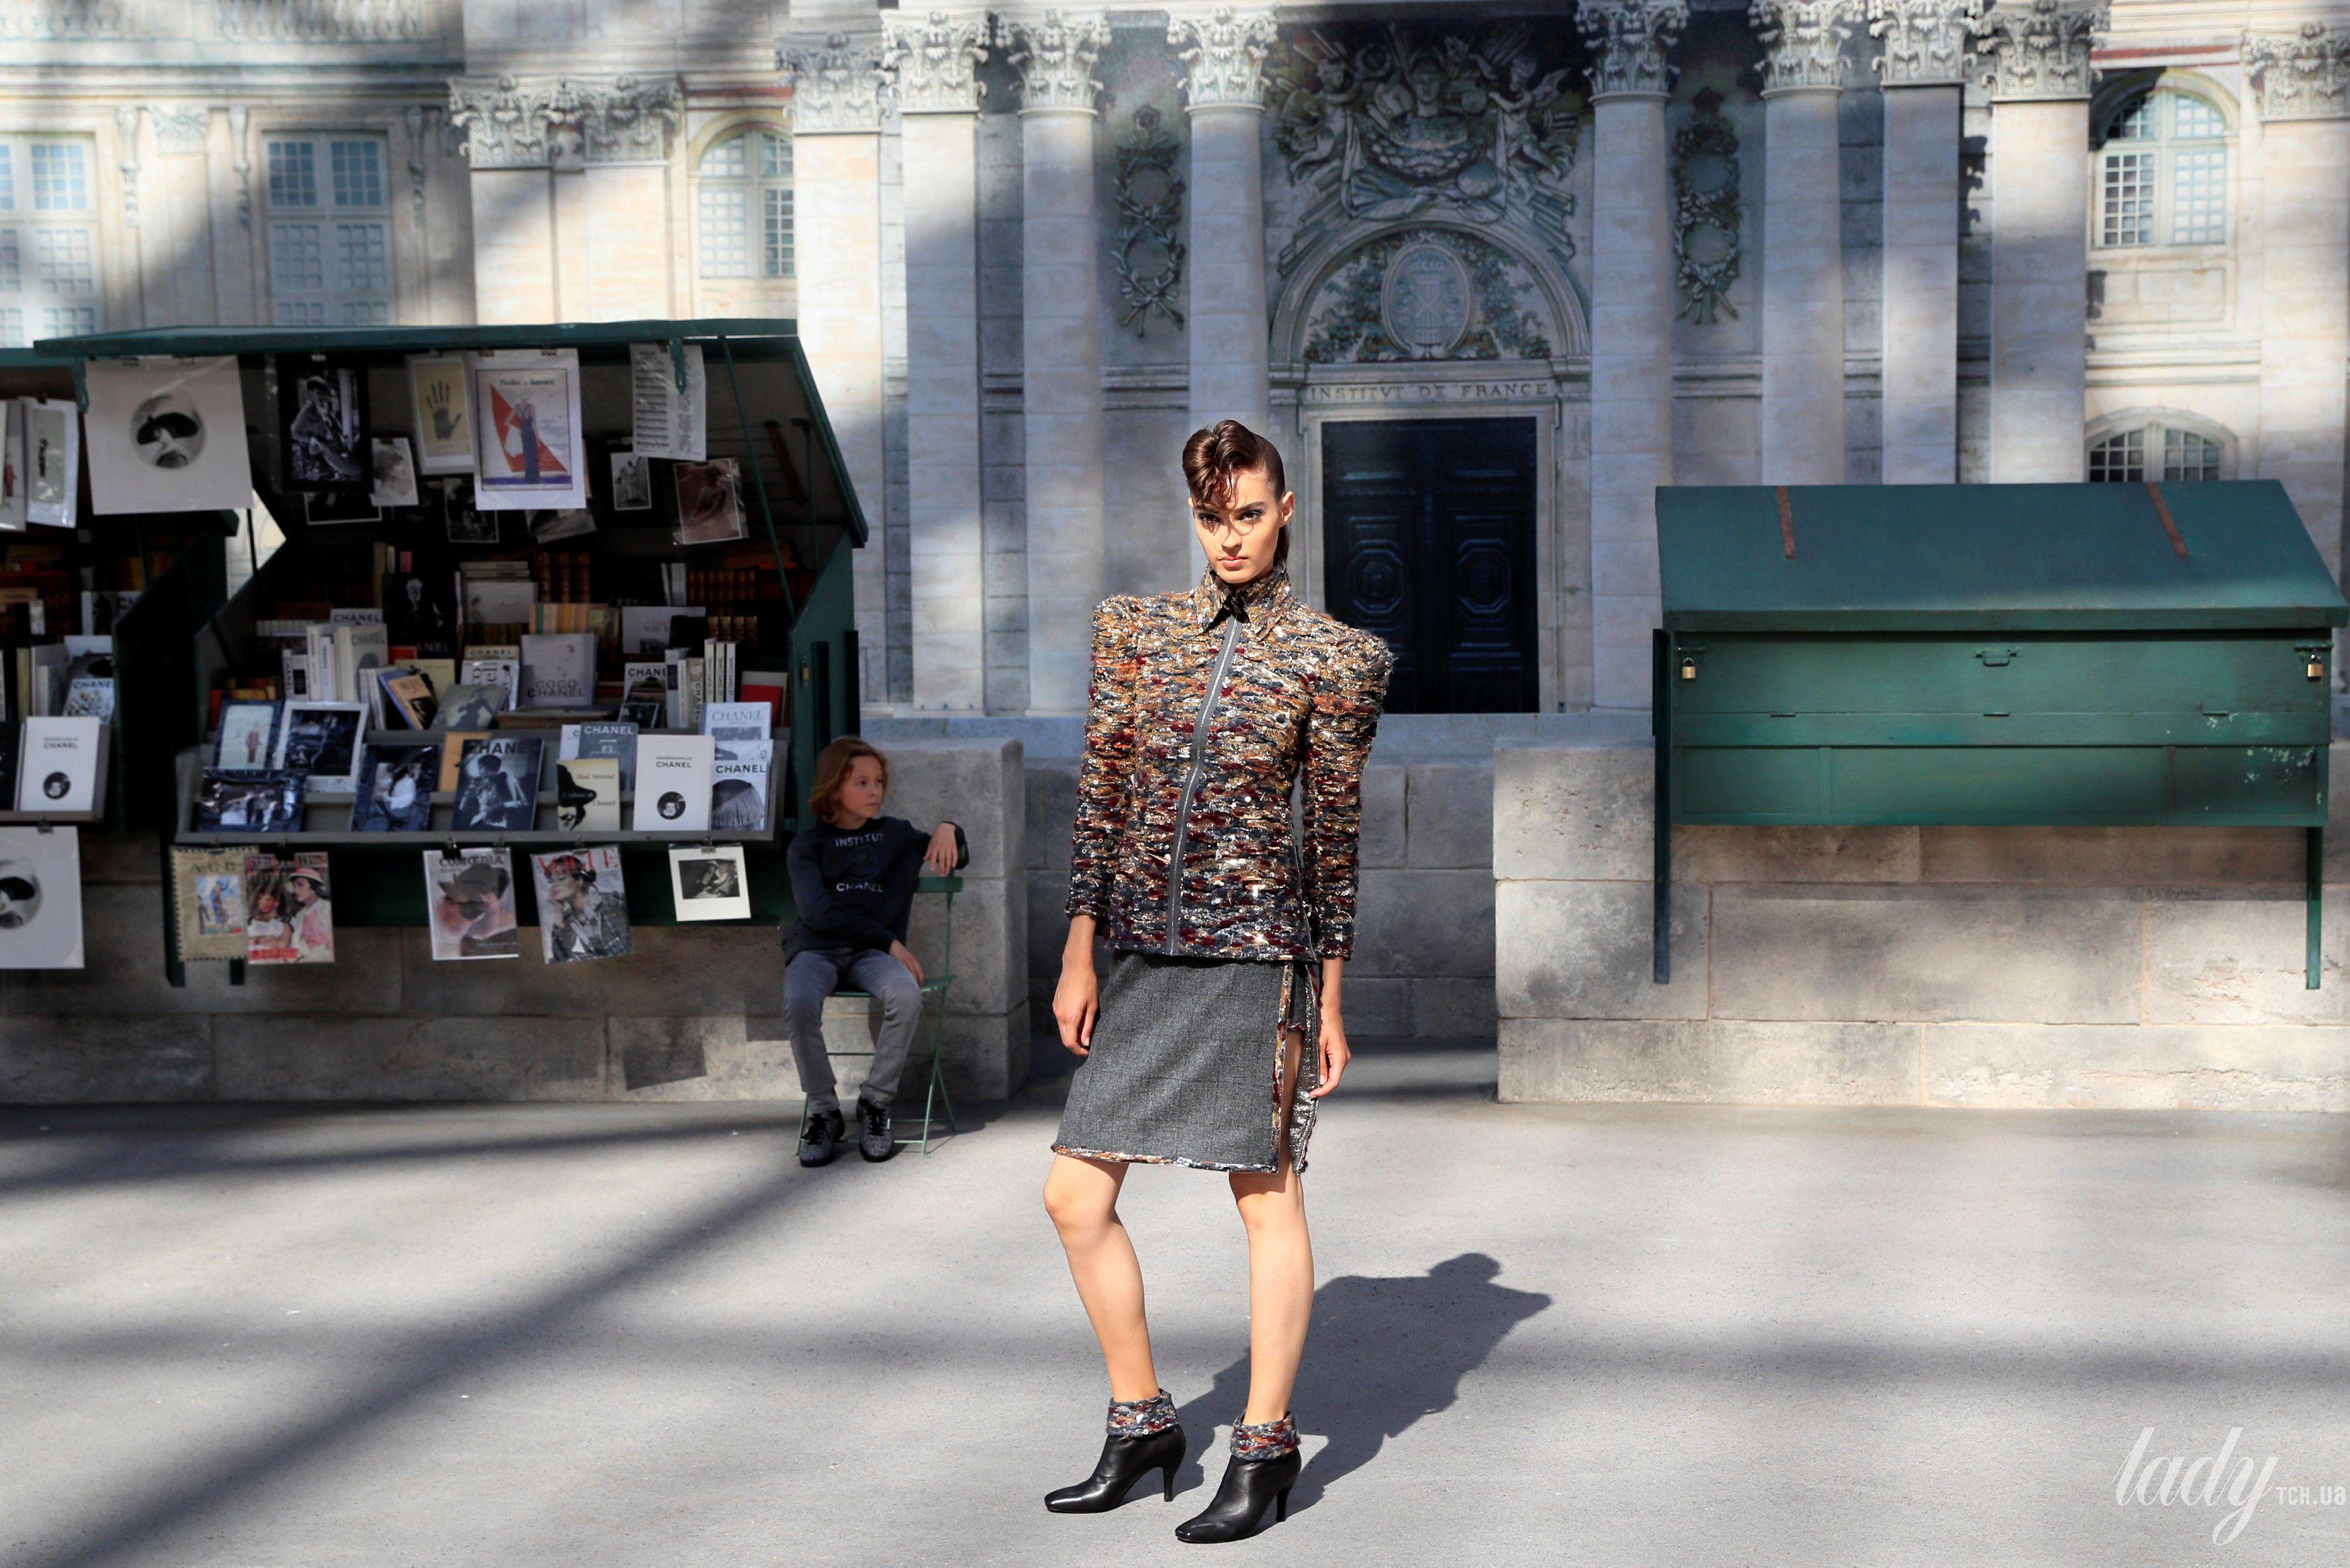 Показ кутюрной коллекции Chanel_11